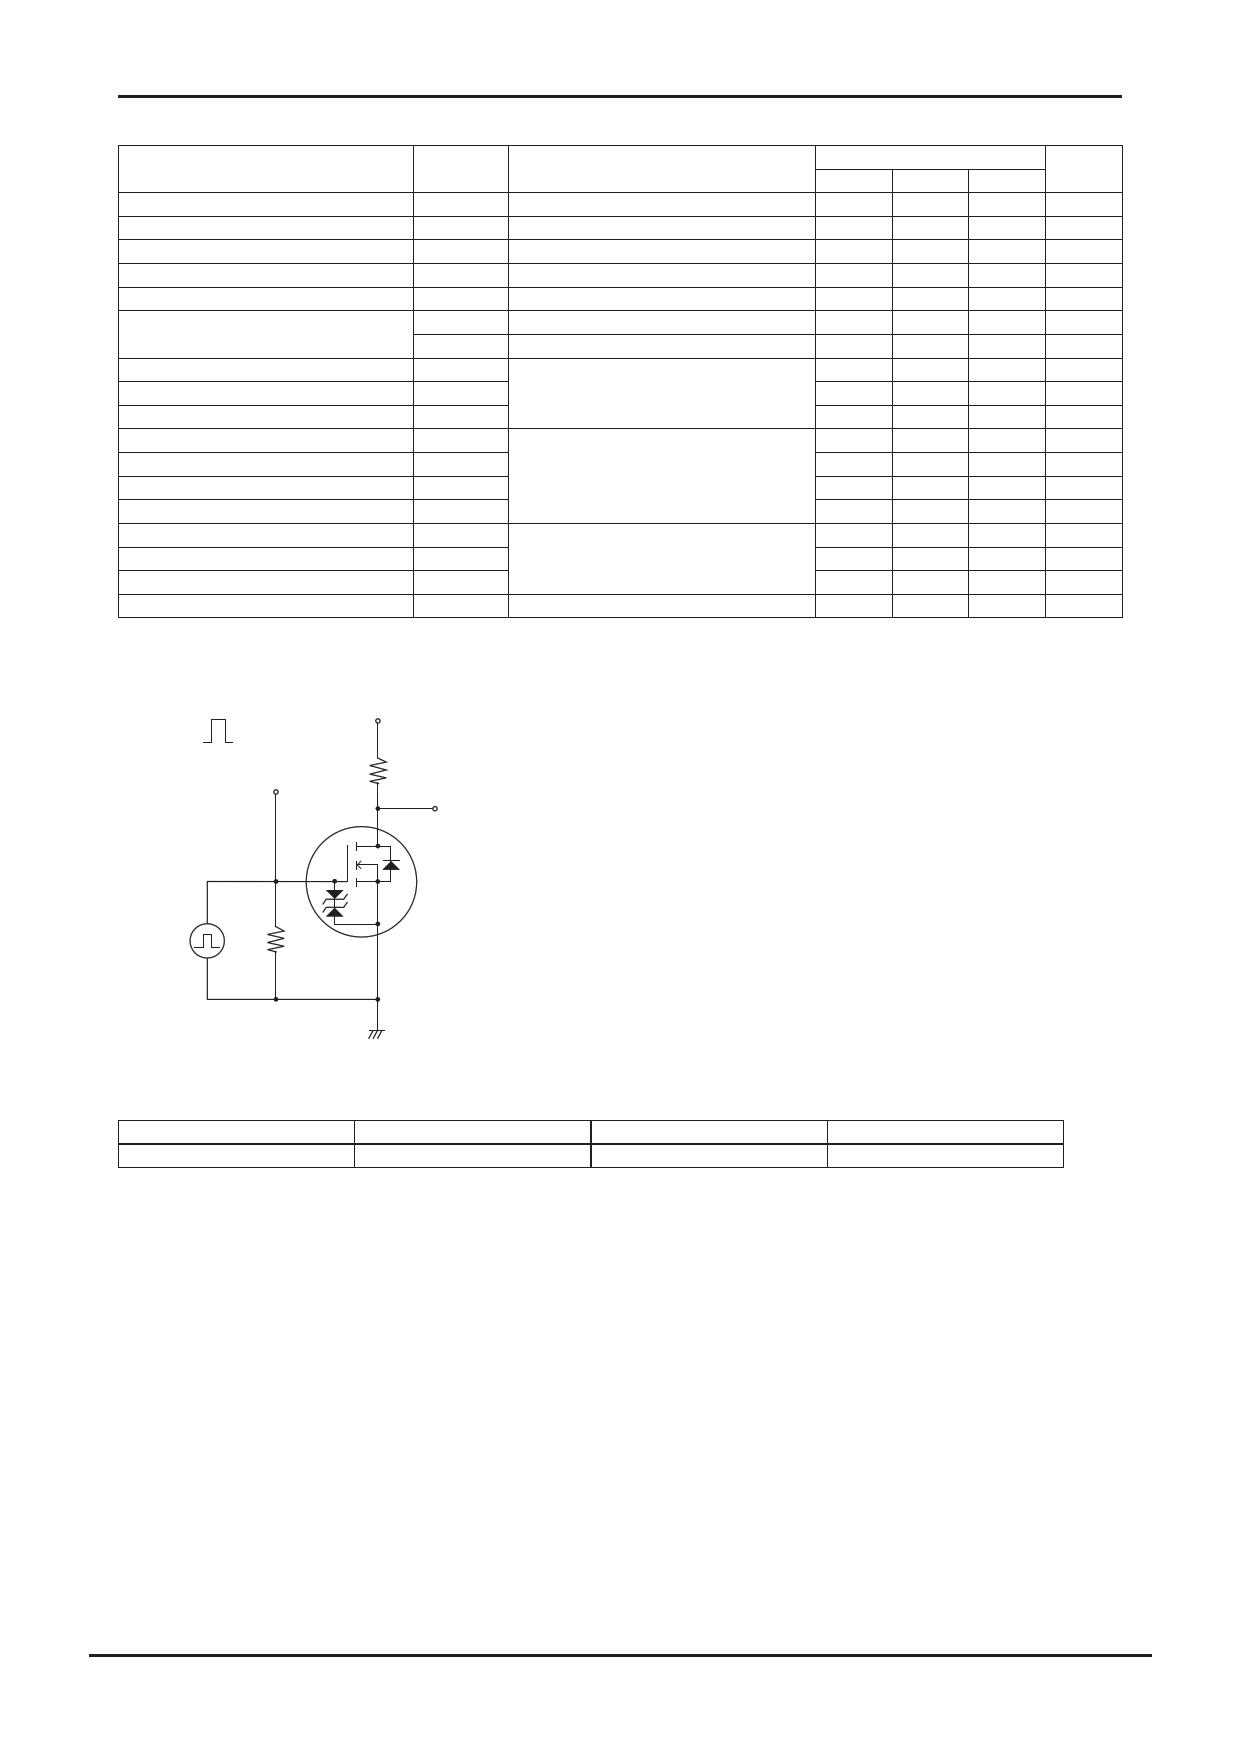 ATP207 pdf, schematic